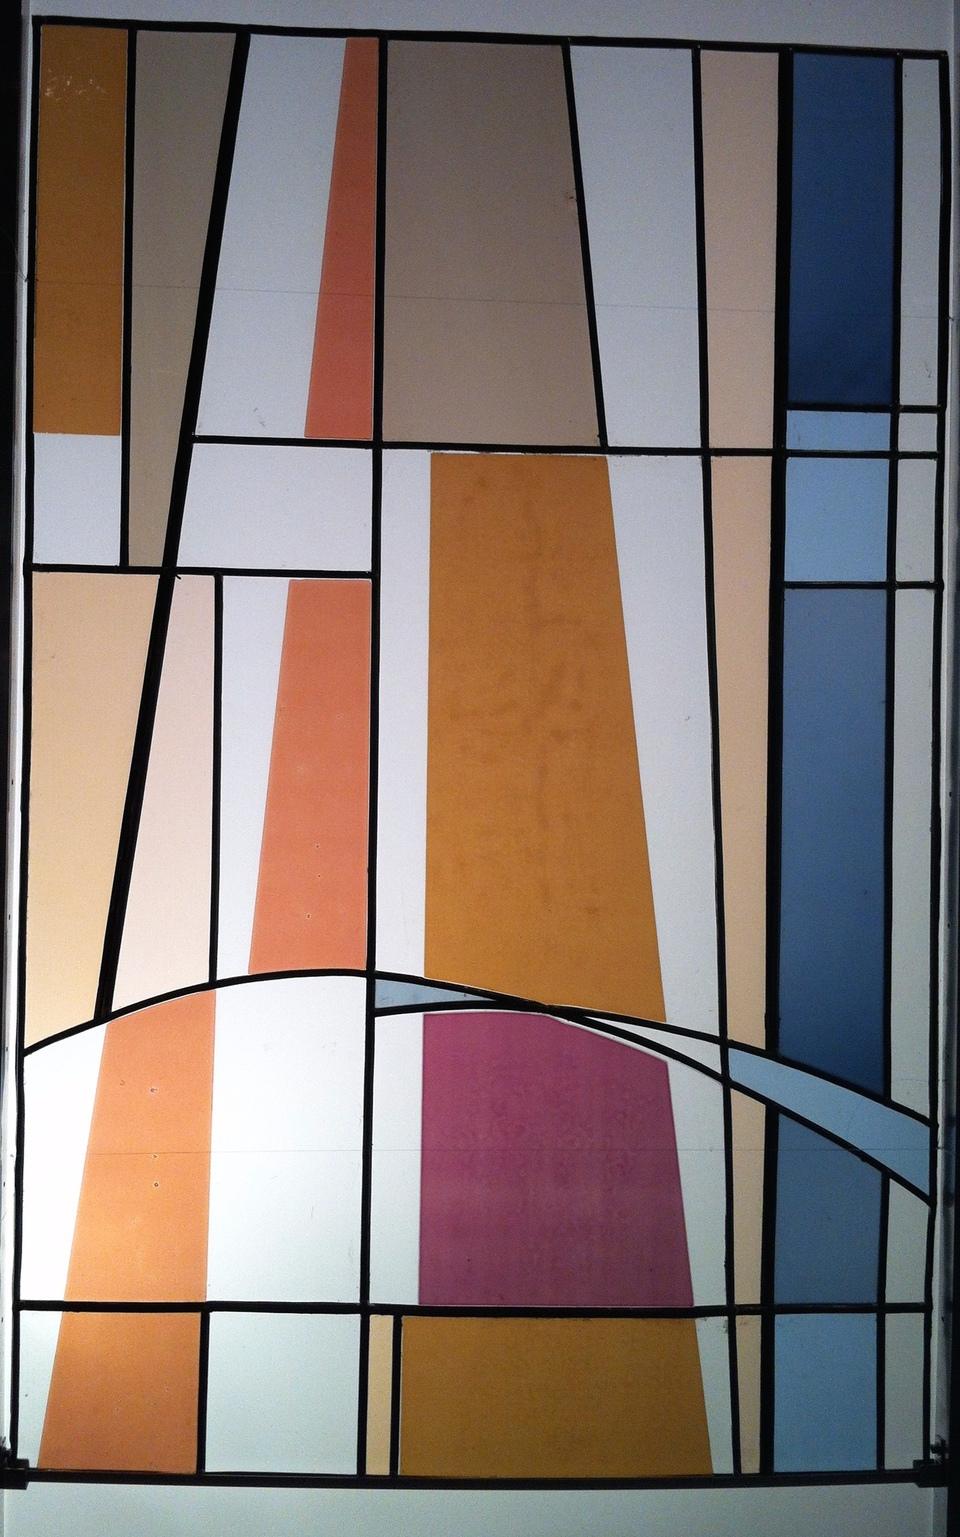 verre vitrail contemporain pur verri re atelier art d co transparence paroi cloison s parative. Black Bedroom Furniture Sets. Home Design Ideas